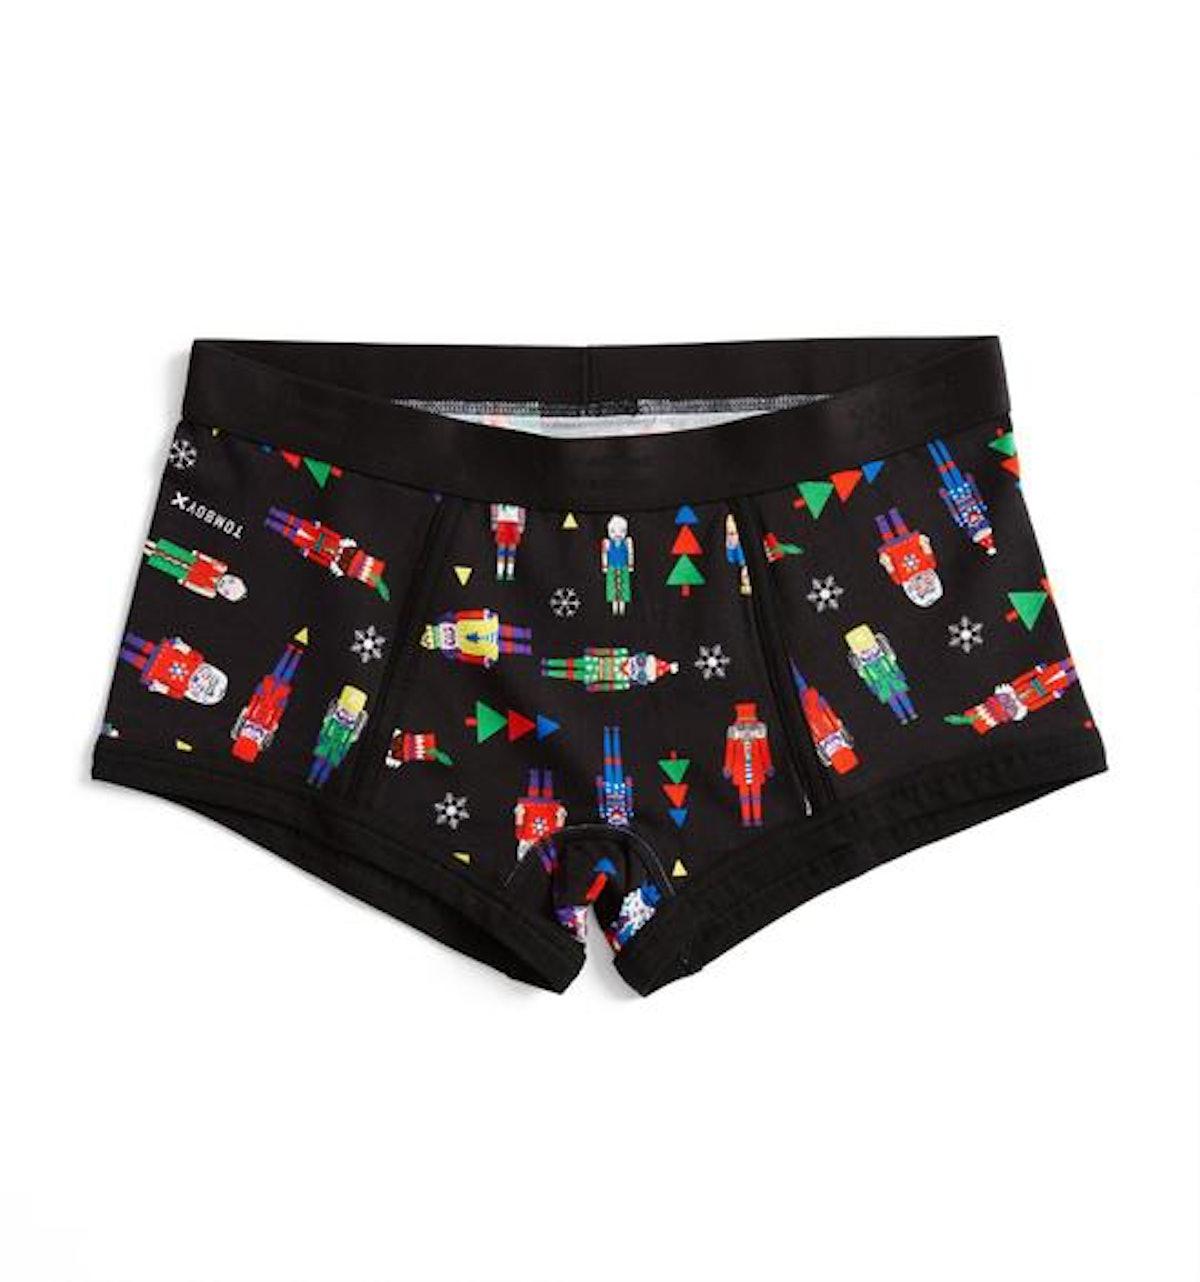 TomboyX Nutcracker Boy Shorts